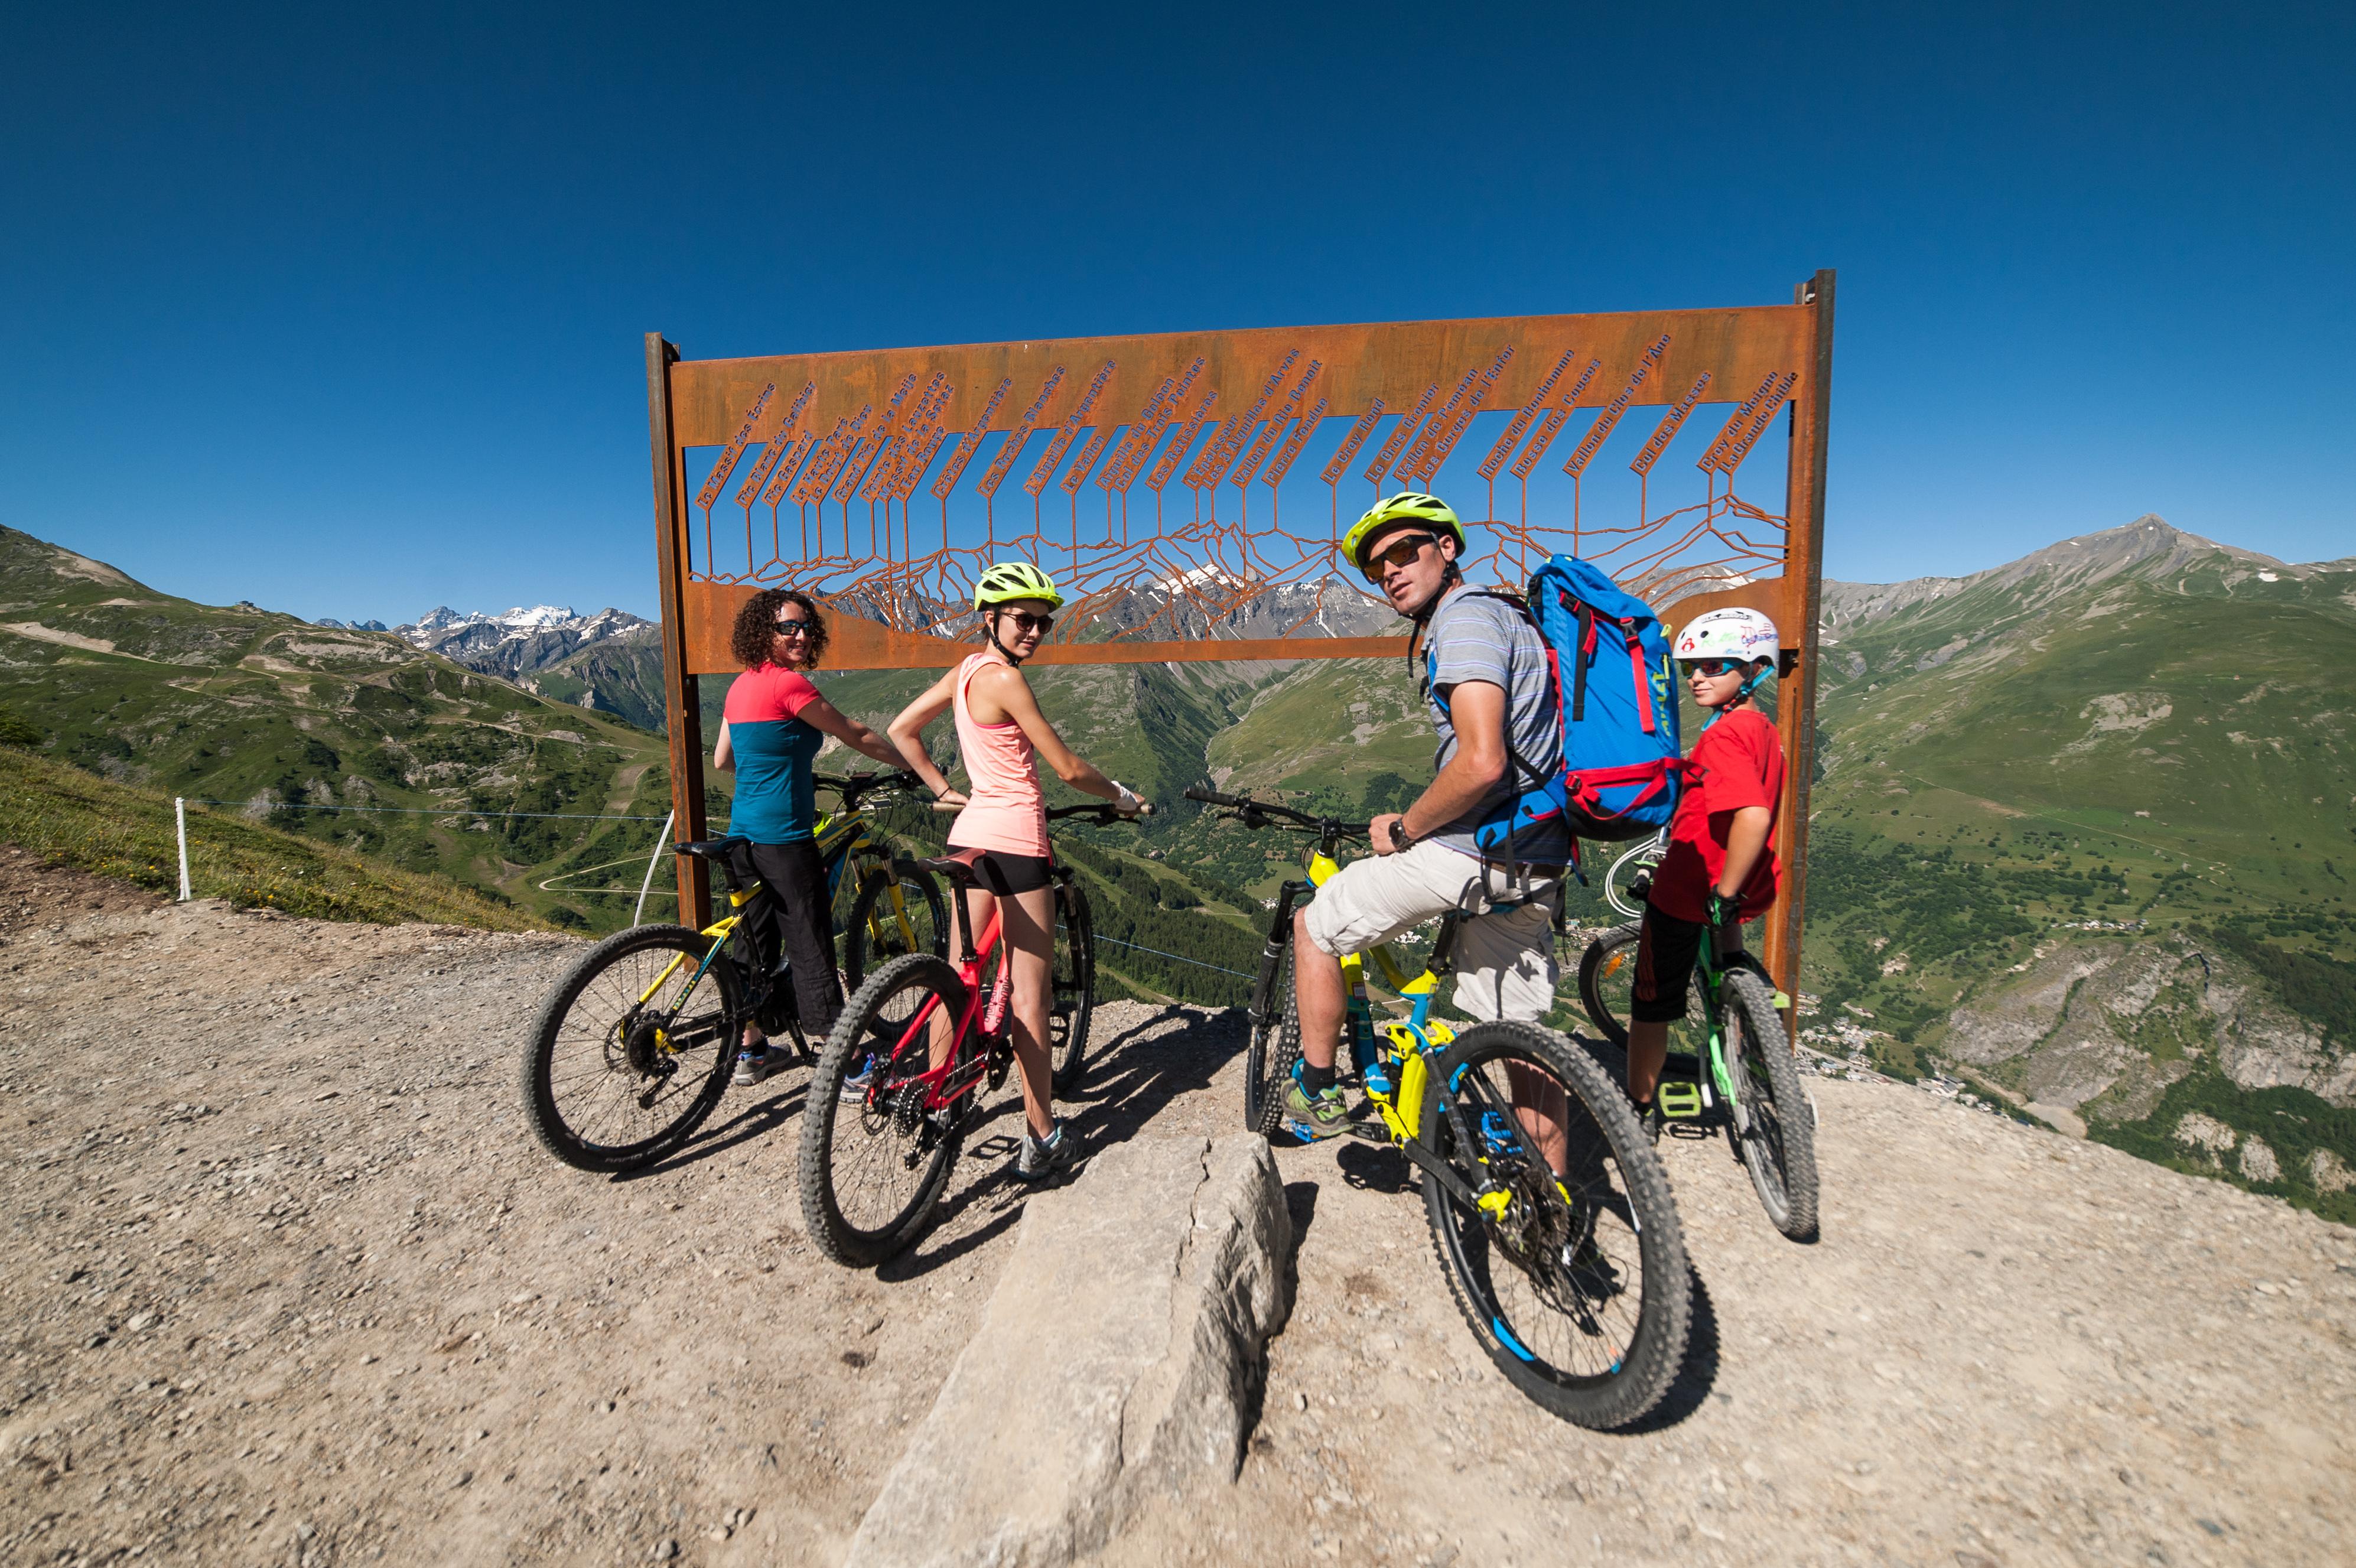 Bike Park Valloire Galibier © Alban Pernet / Valloire Tourisme